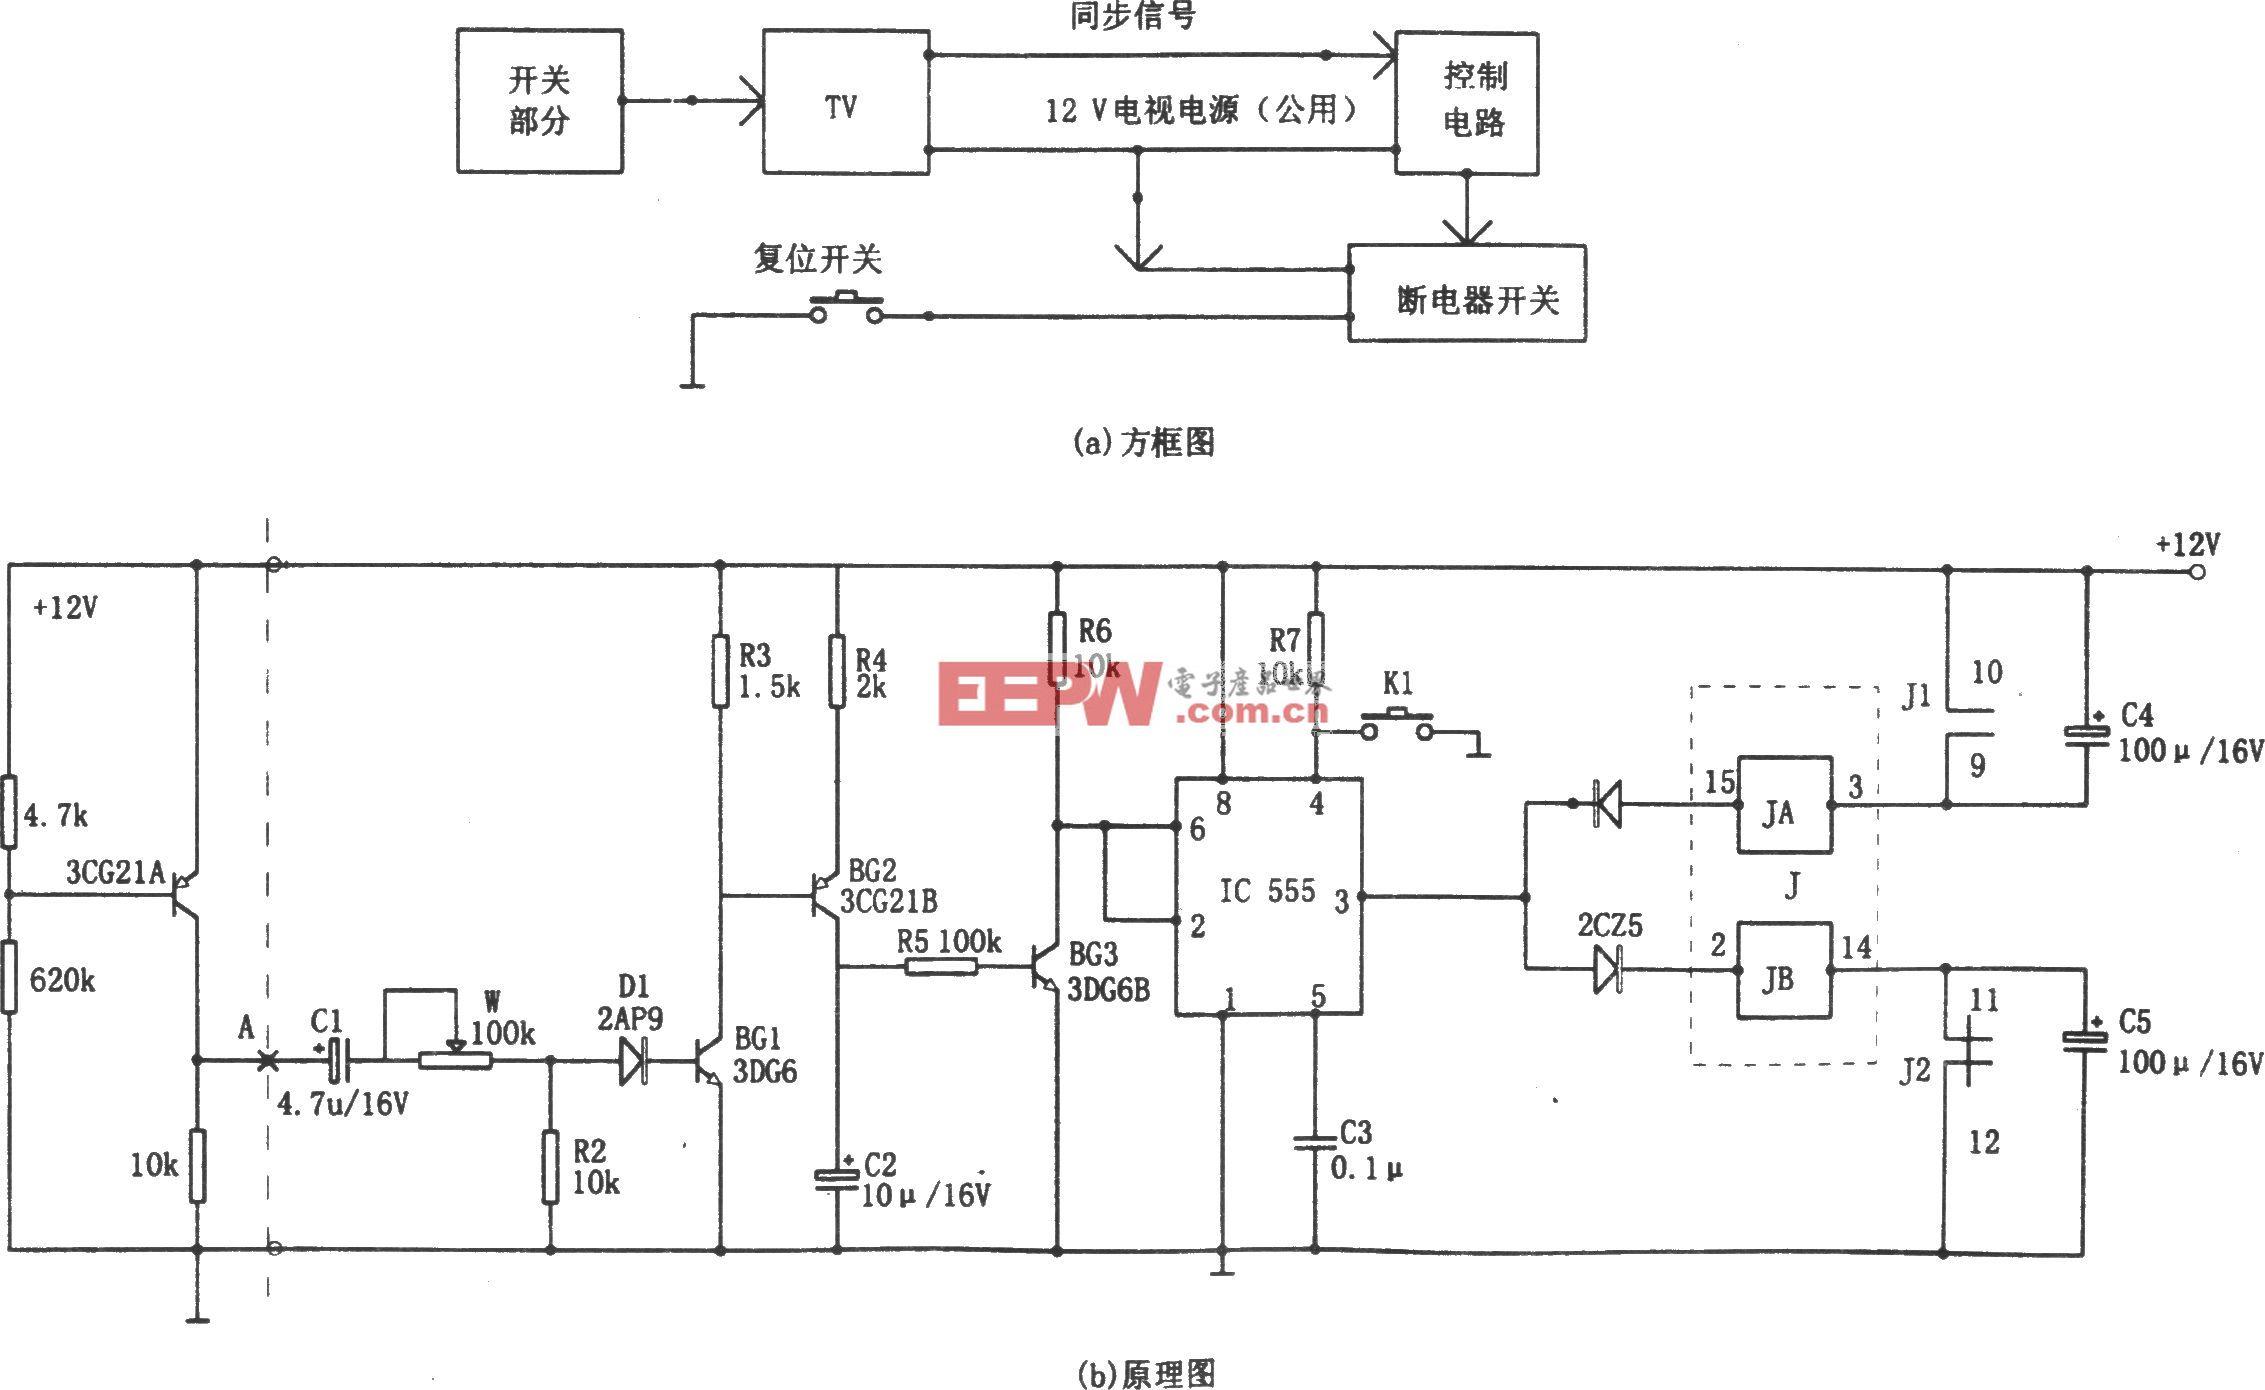 555构成的电视机自动关机控制器